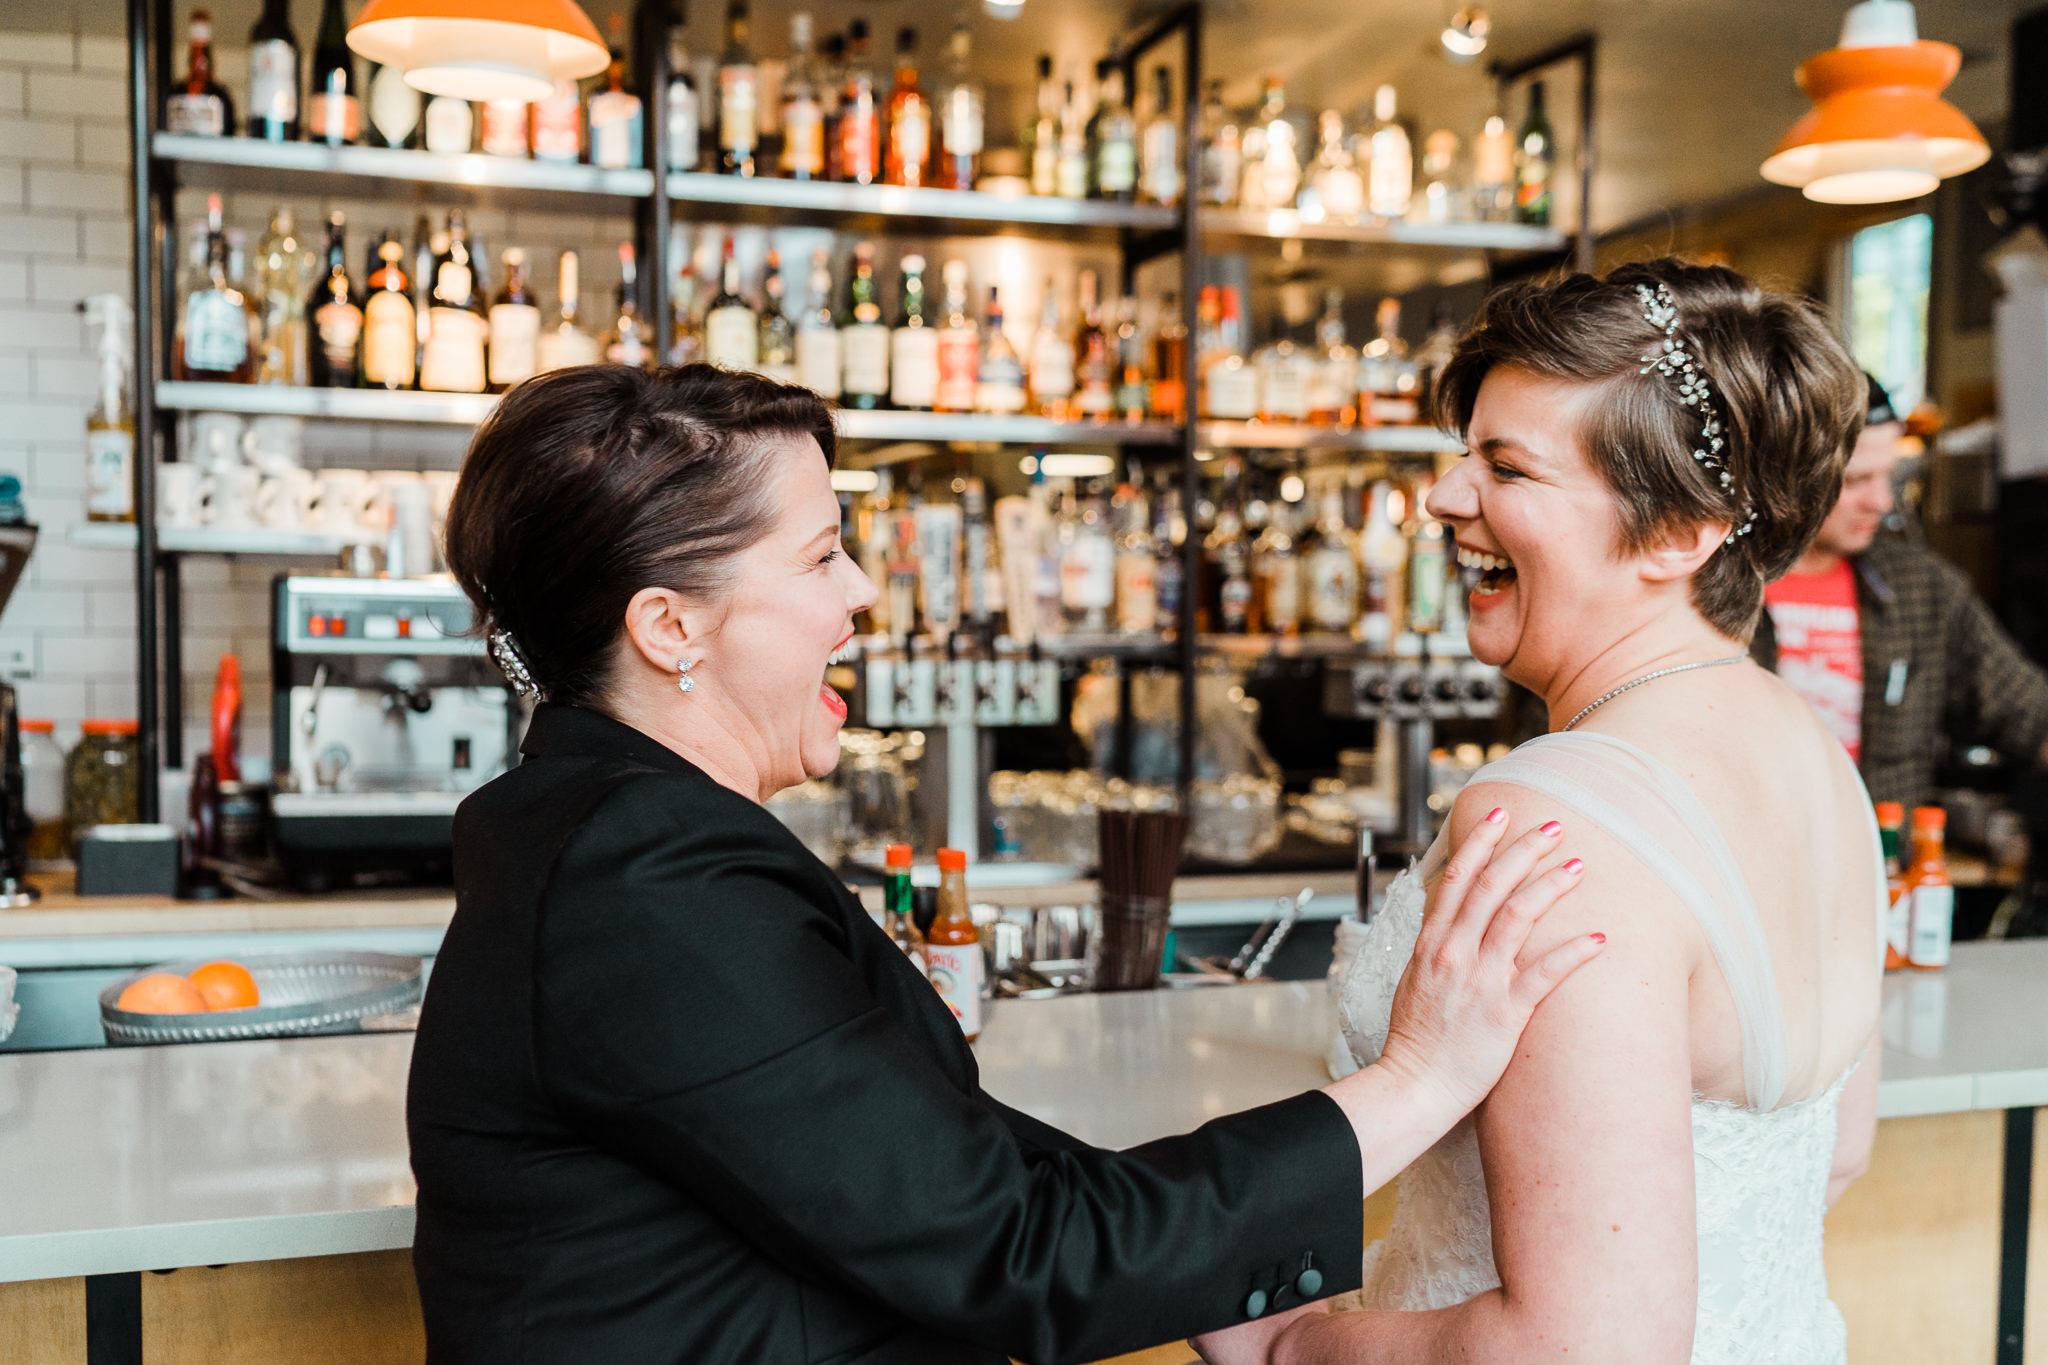 Skillet Diner Brides Portraits in love met